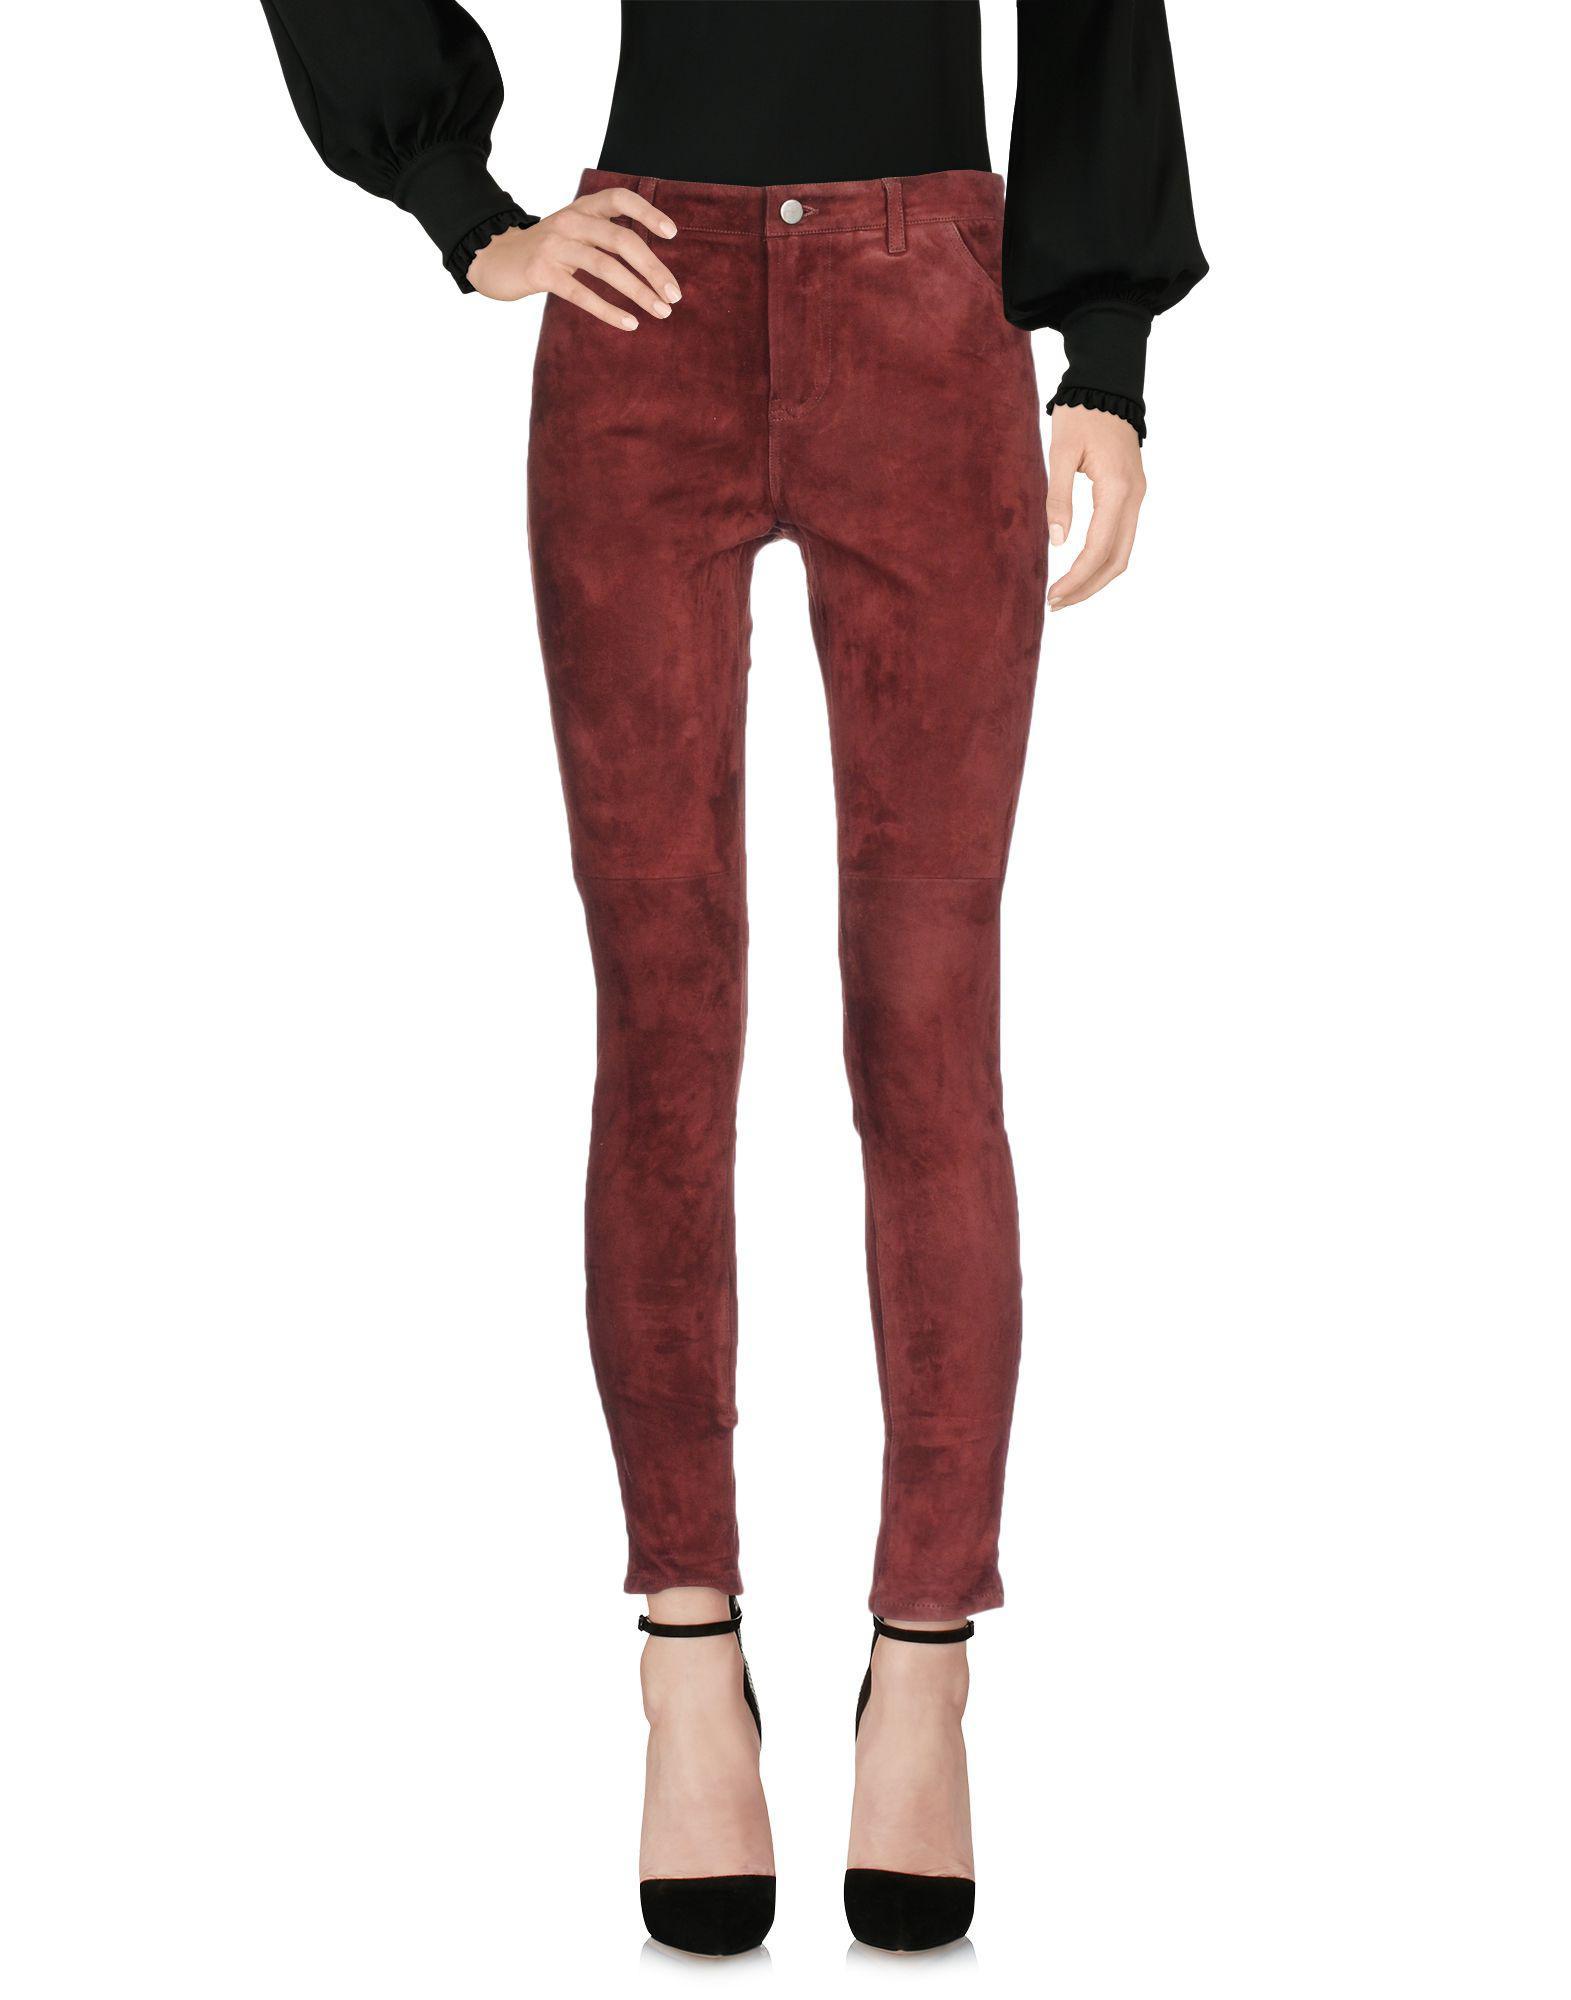 Pantalon - Pantalon Décontracté Rebecca De Minkoff 5FnJC